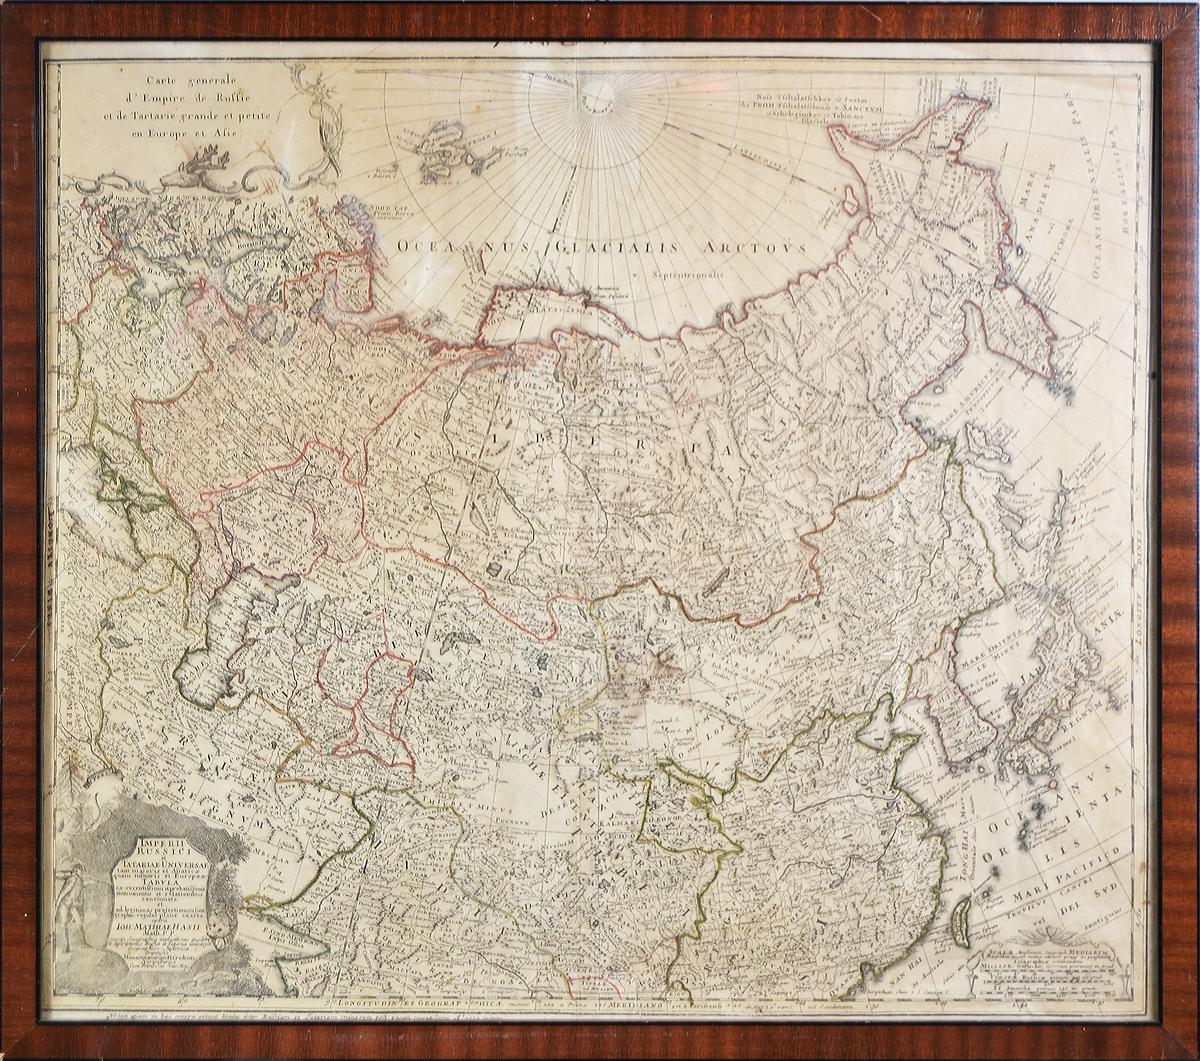 Географическая карта России Imperii Russici et Tatariae Universae, Johann Matthias Hase. Гравюра с ручной подкраской. Нюрнберг, Германия, 1739 год